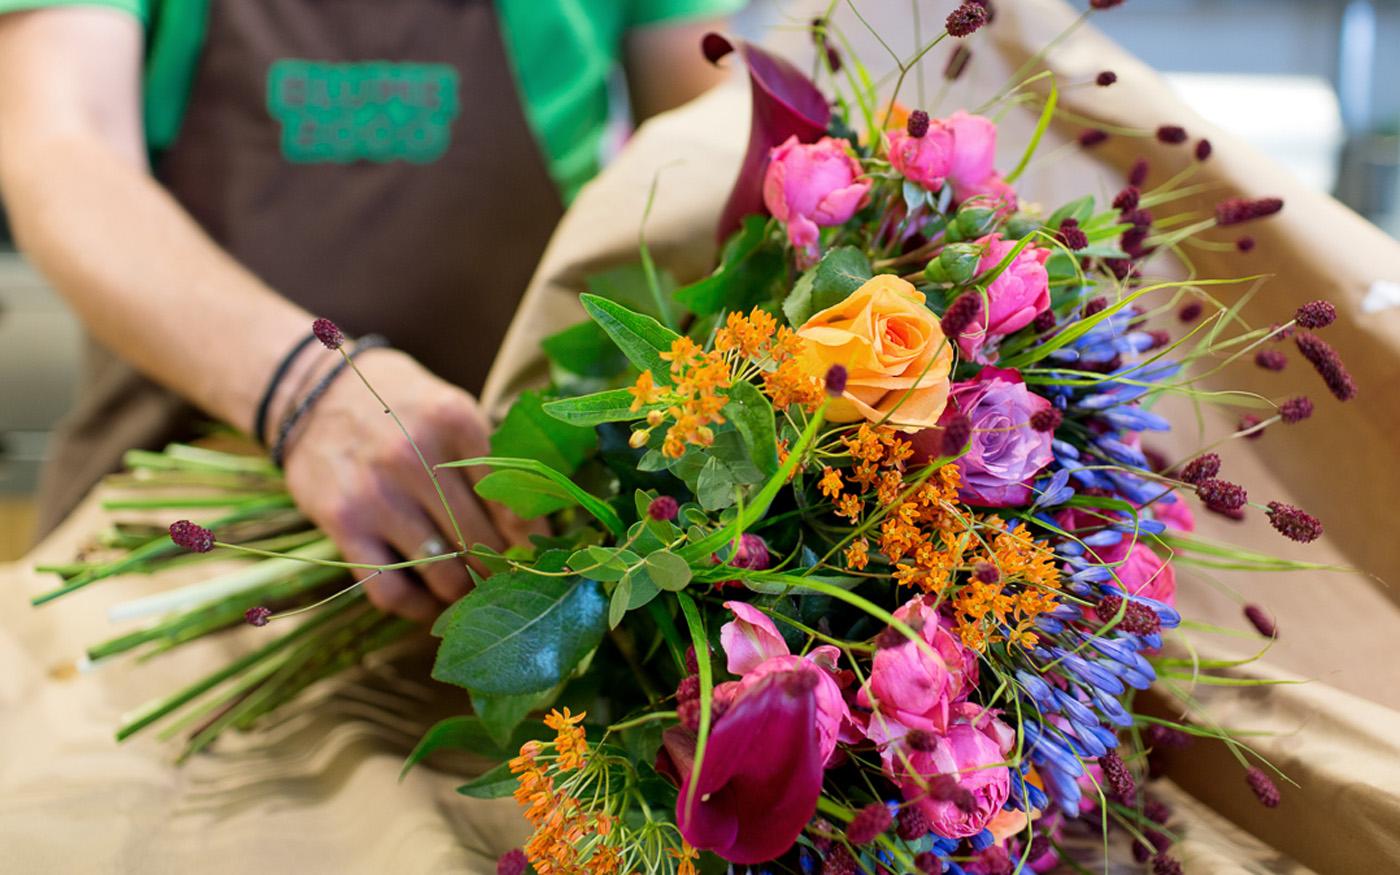 Blume 2000 Berlin Tegel